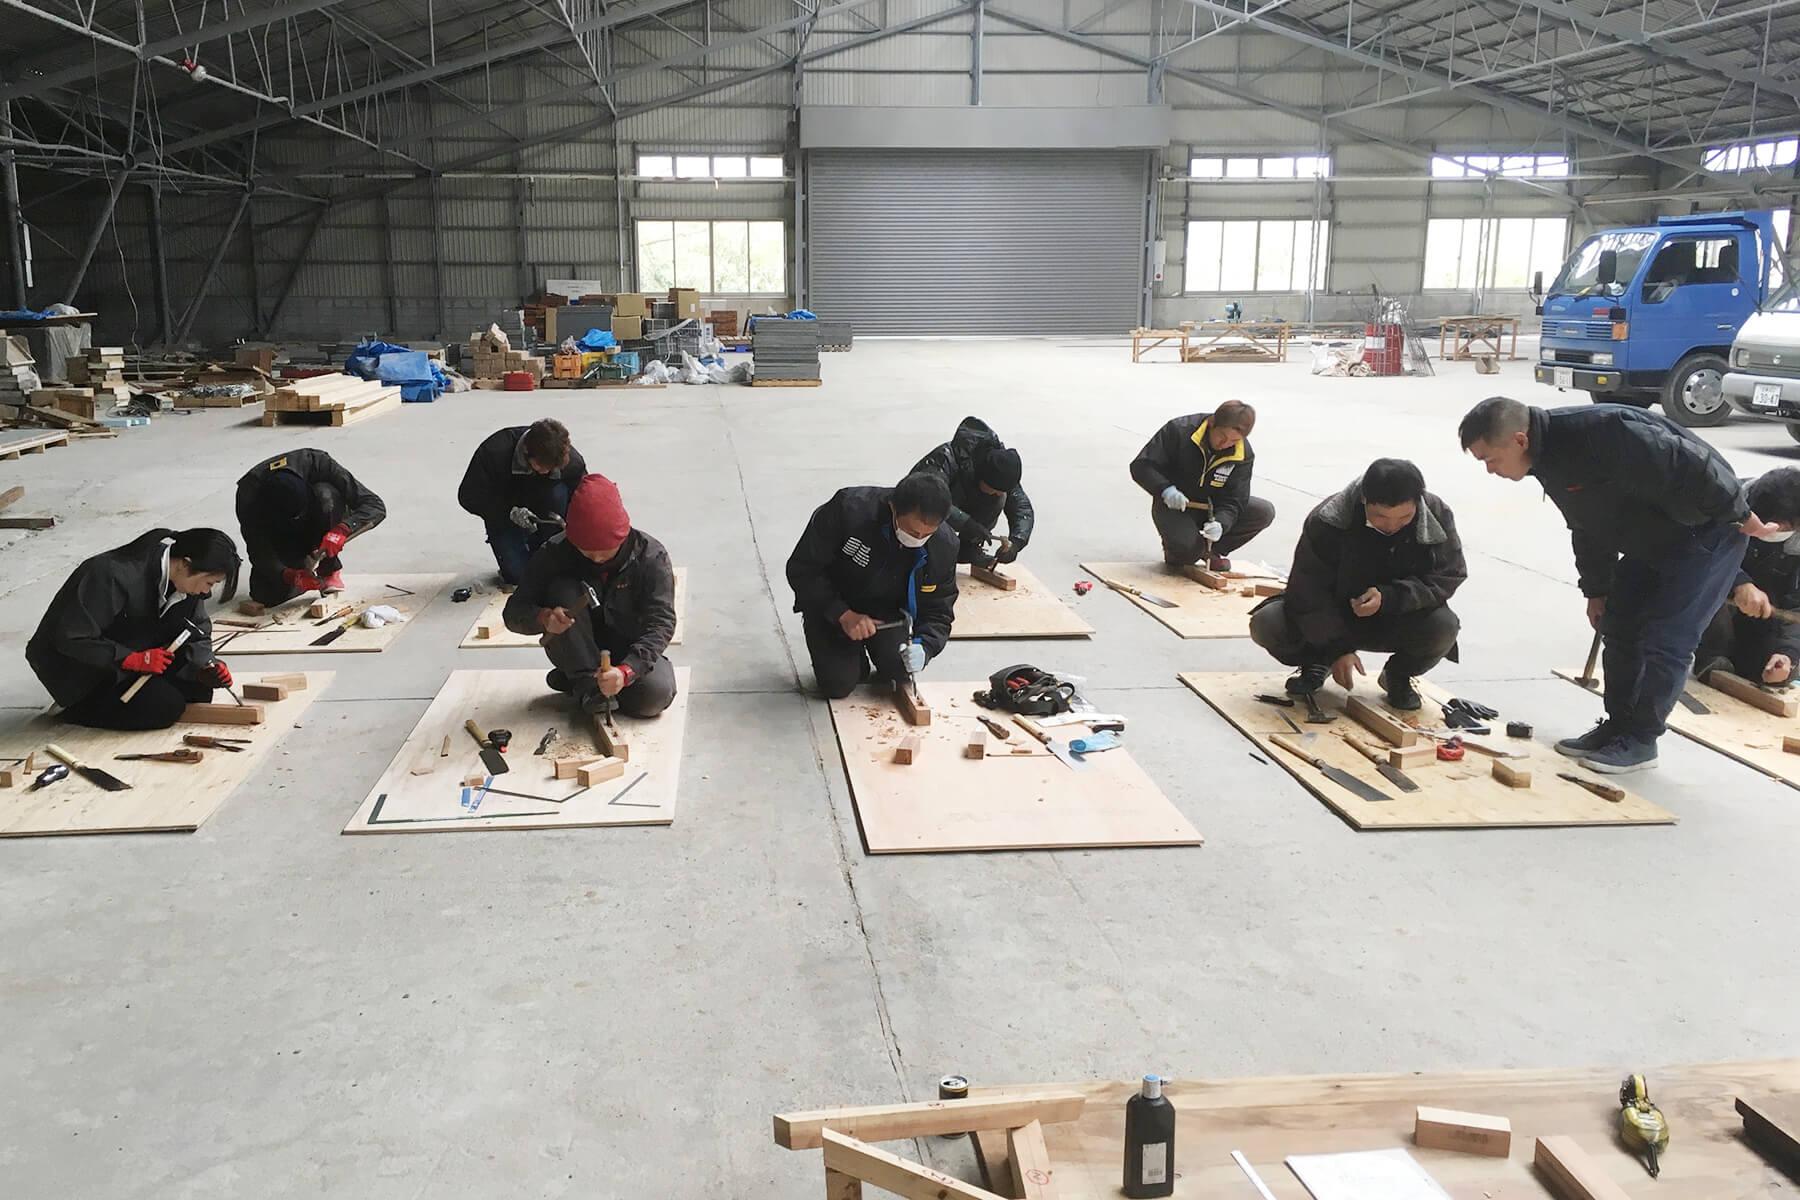 「ものづくりマイスター活用事業」第一日目の墨付け作業に取り組む、朝日I&Rワークスの新人社員たち